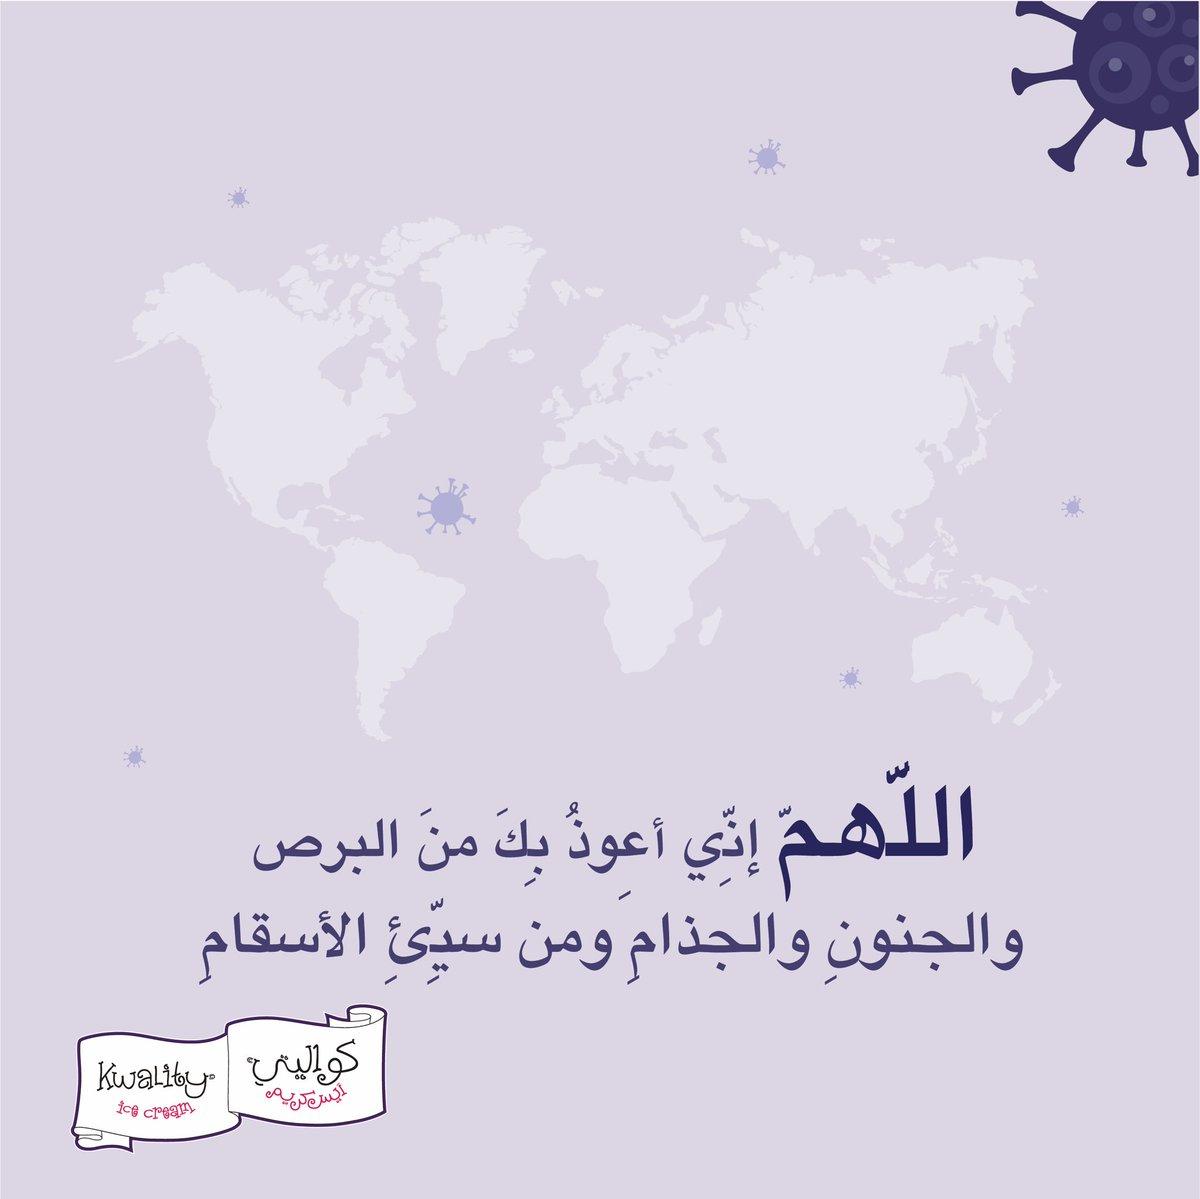 اللهم اصرف عنا الوباء تويتر